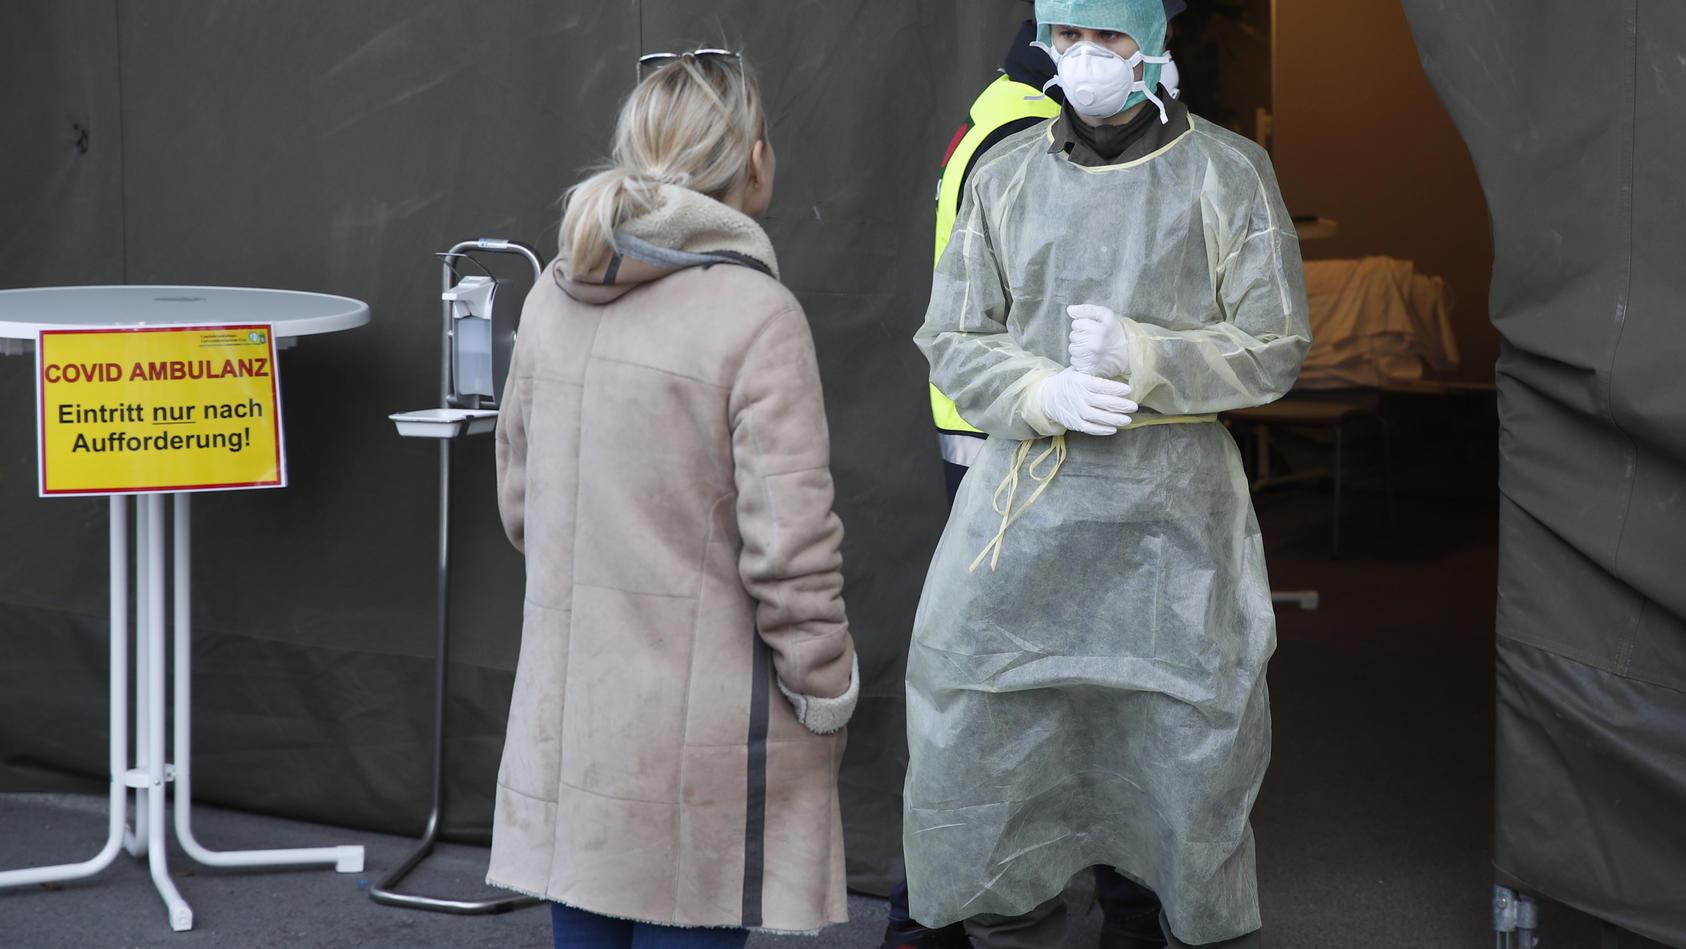 Coronavirus in Österreich. Ein Soldat des Österreichischen Bundesheeres steht während der Corona-Pandemie in Schutzanzug vor der Notaufnahme des Krankenhauses «LKH» Graz